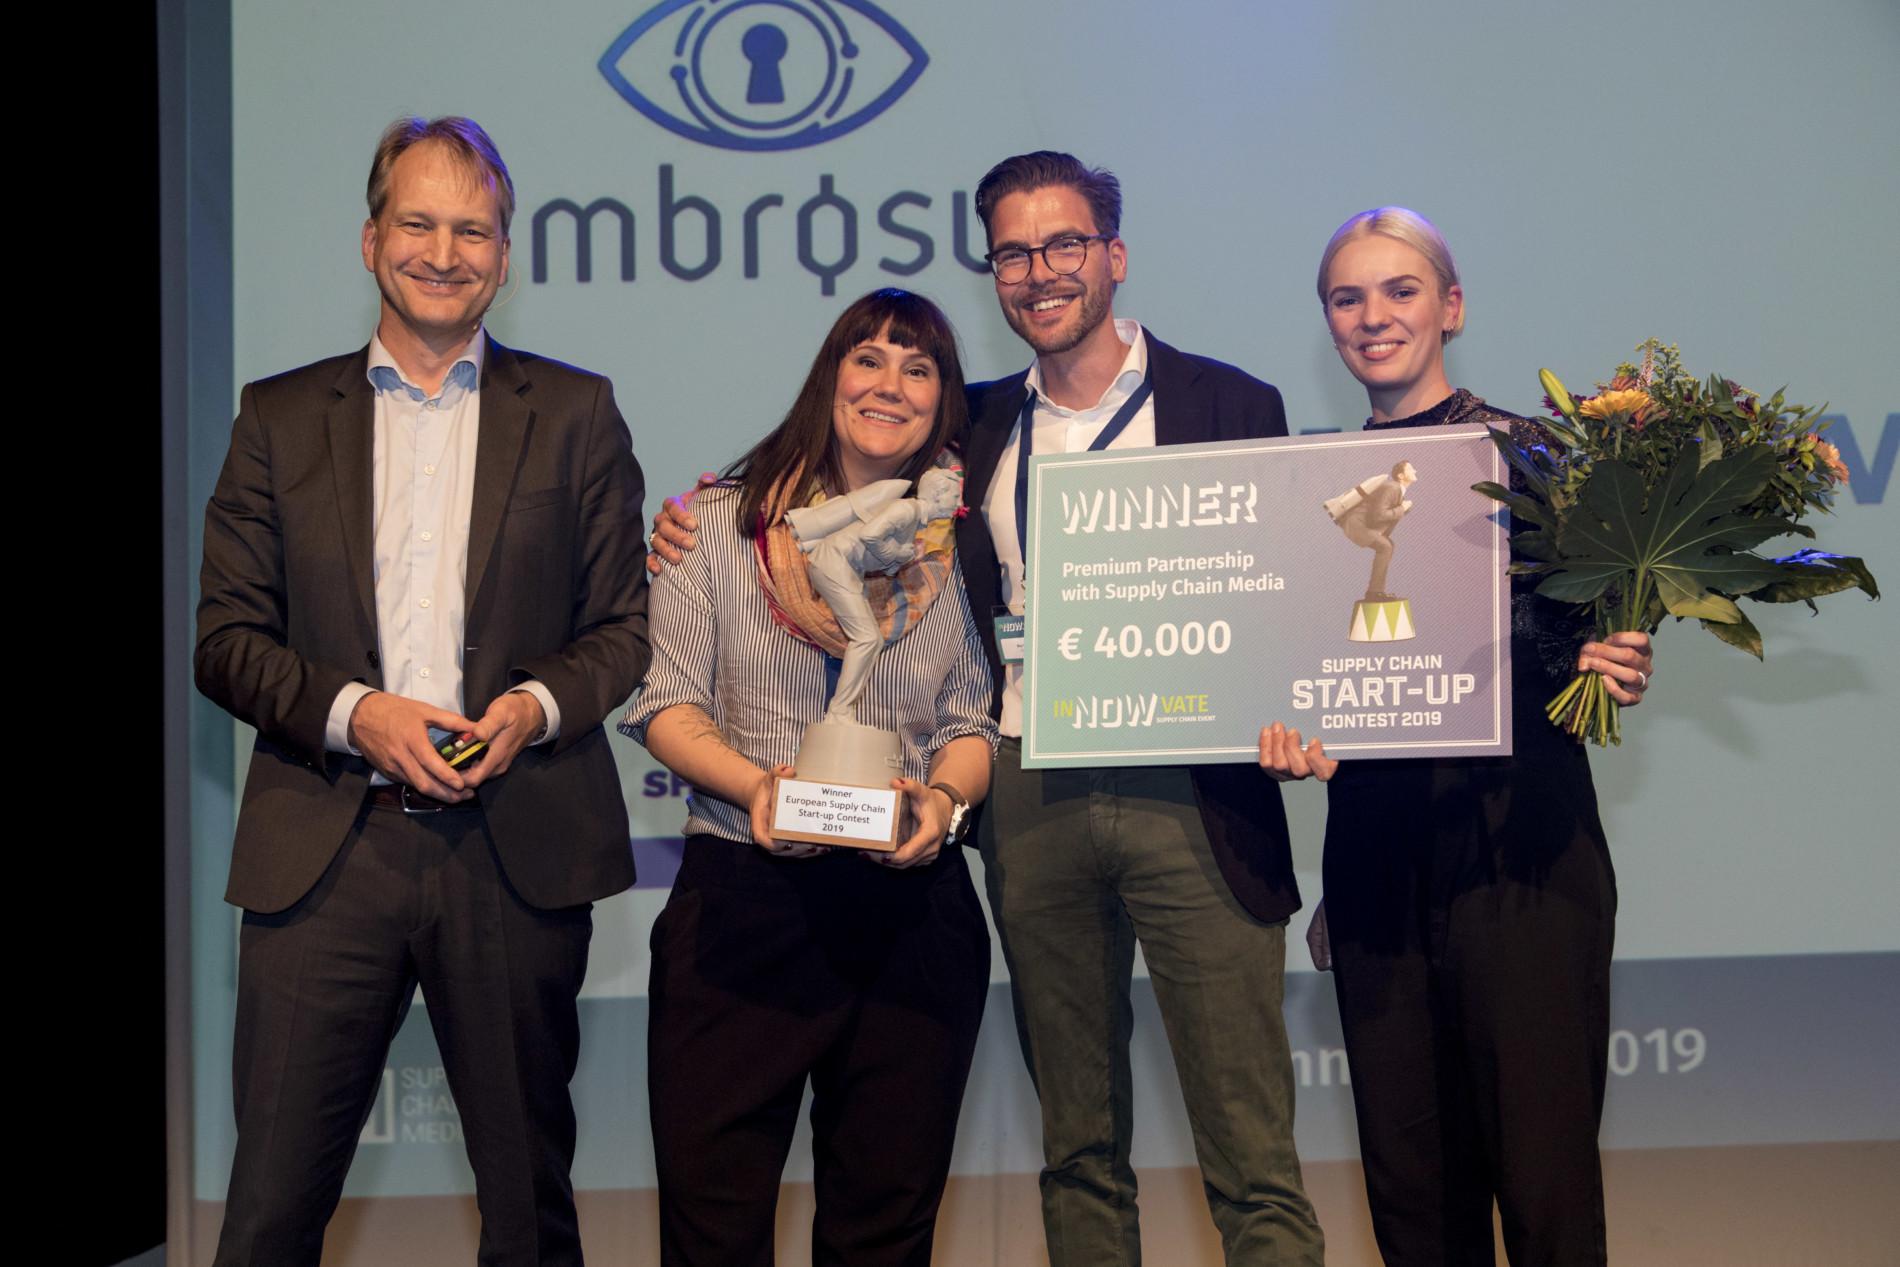 Winner start-up contest Circular IQ - Roy Vercoulen